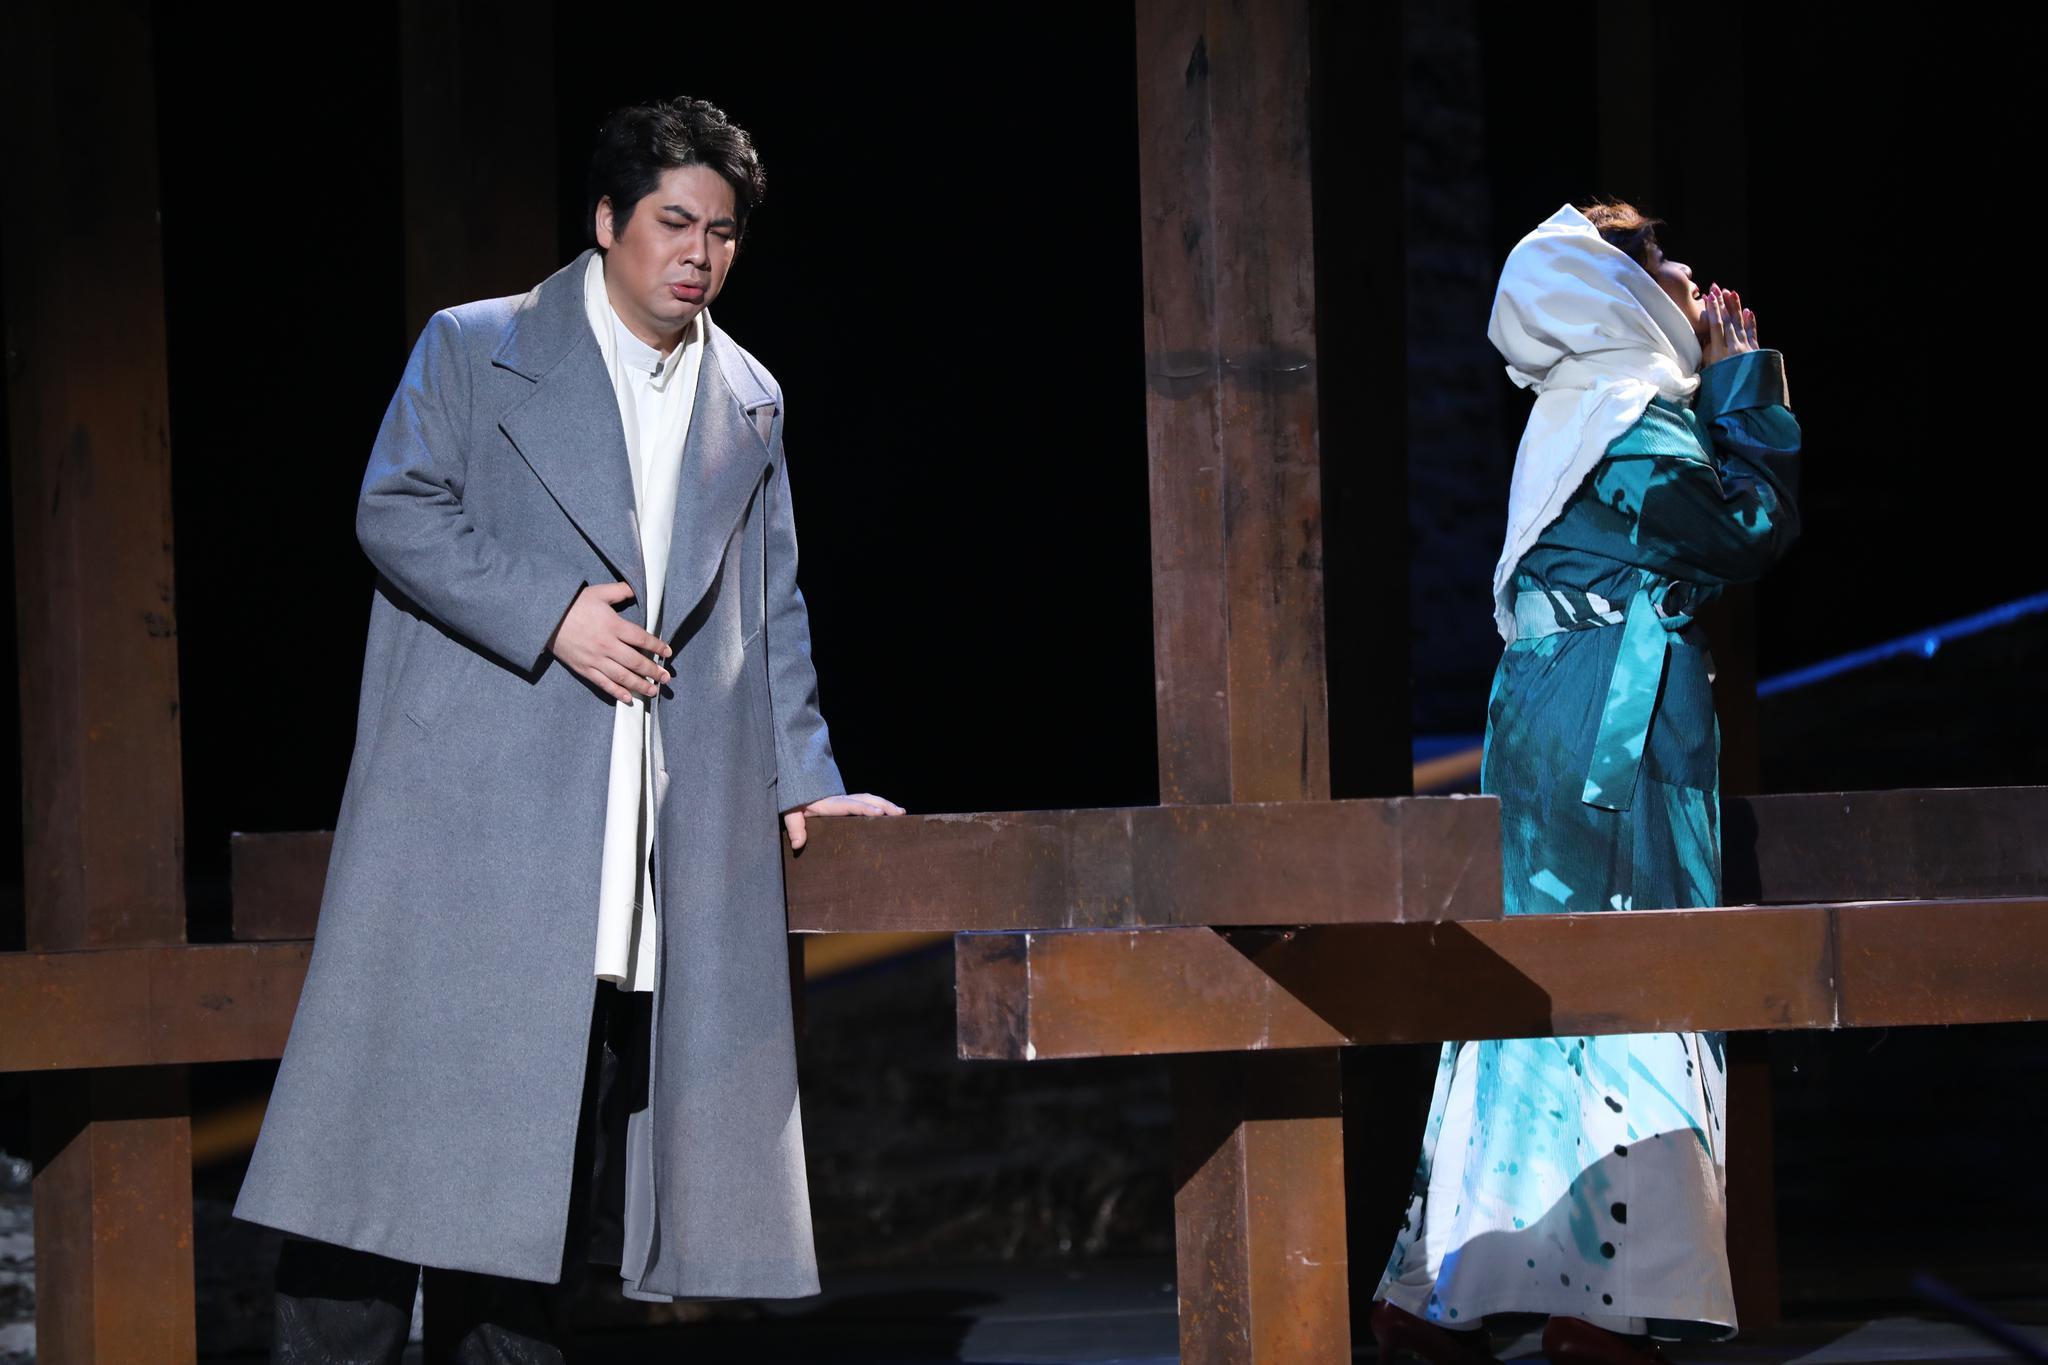 歌剧《复活》北京首演,与原著比有四种全新调整